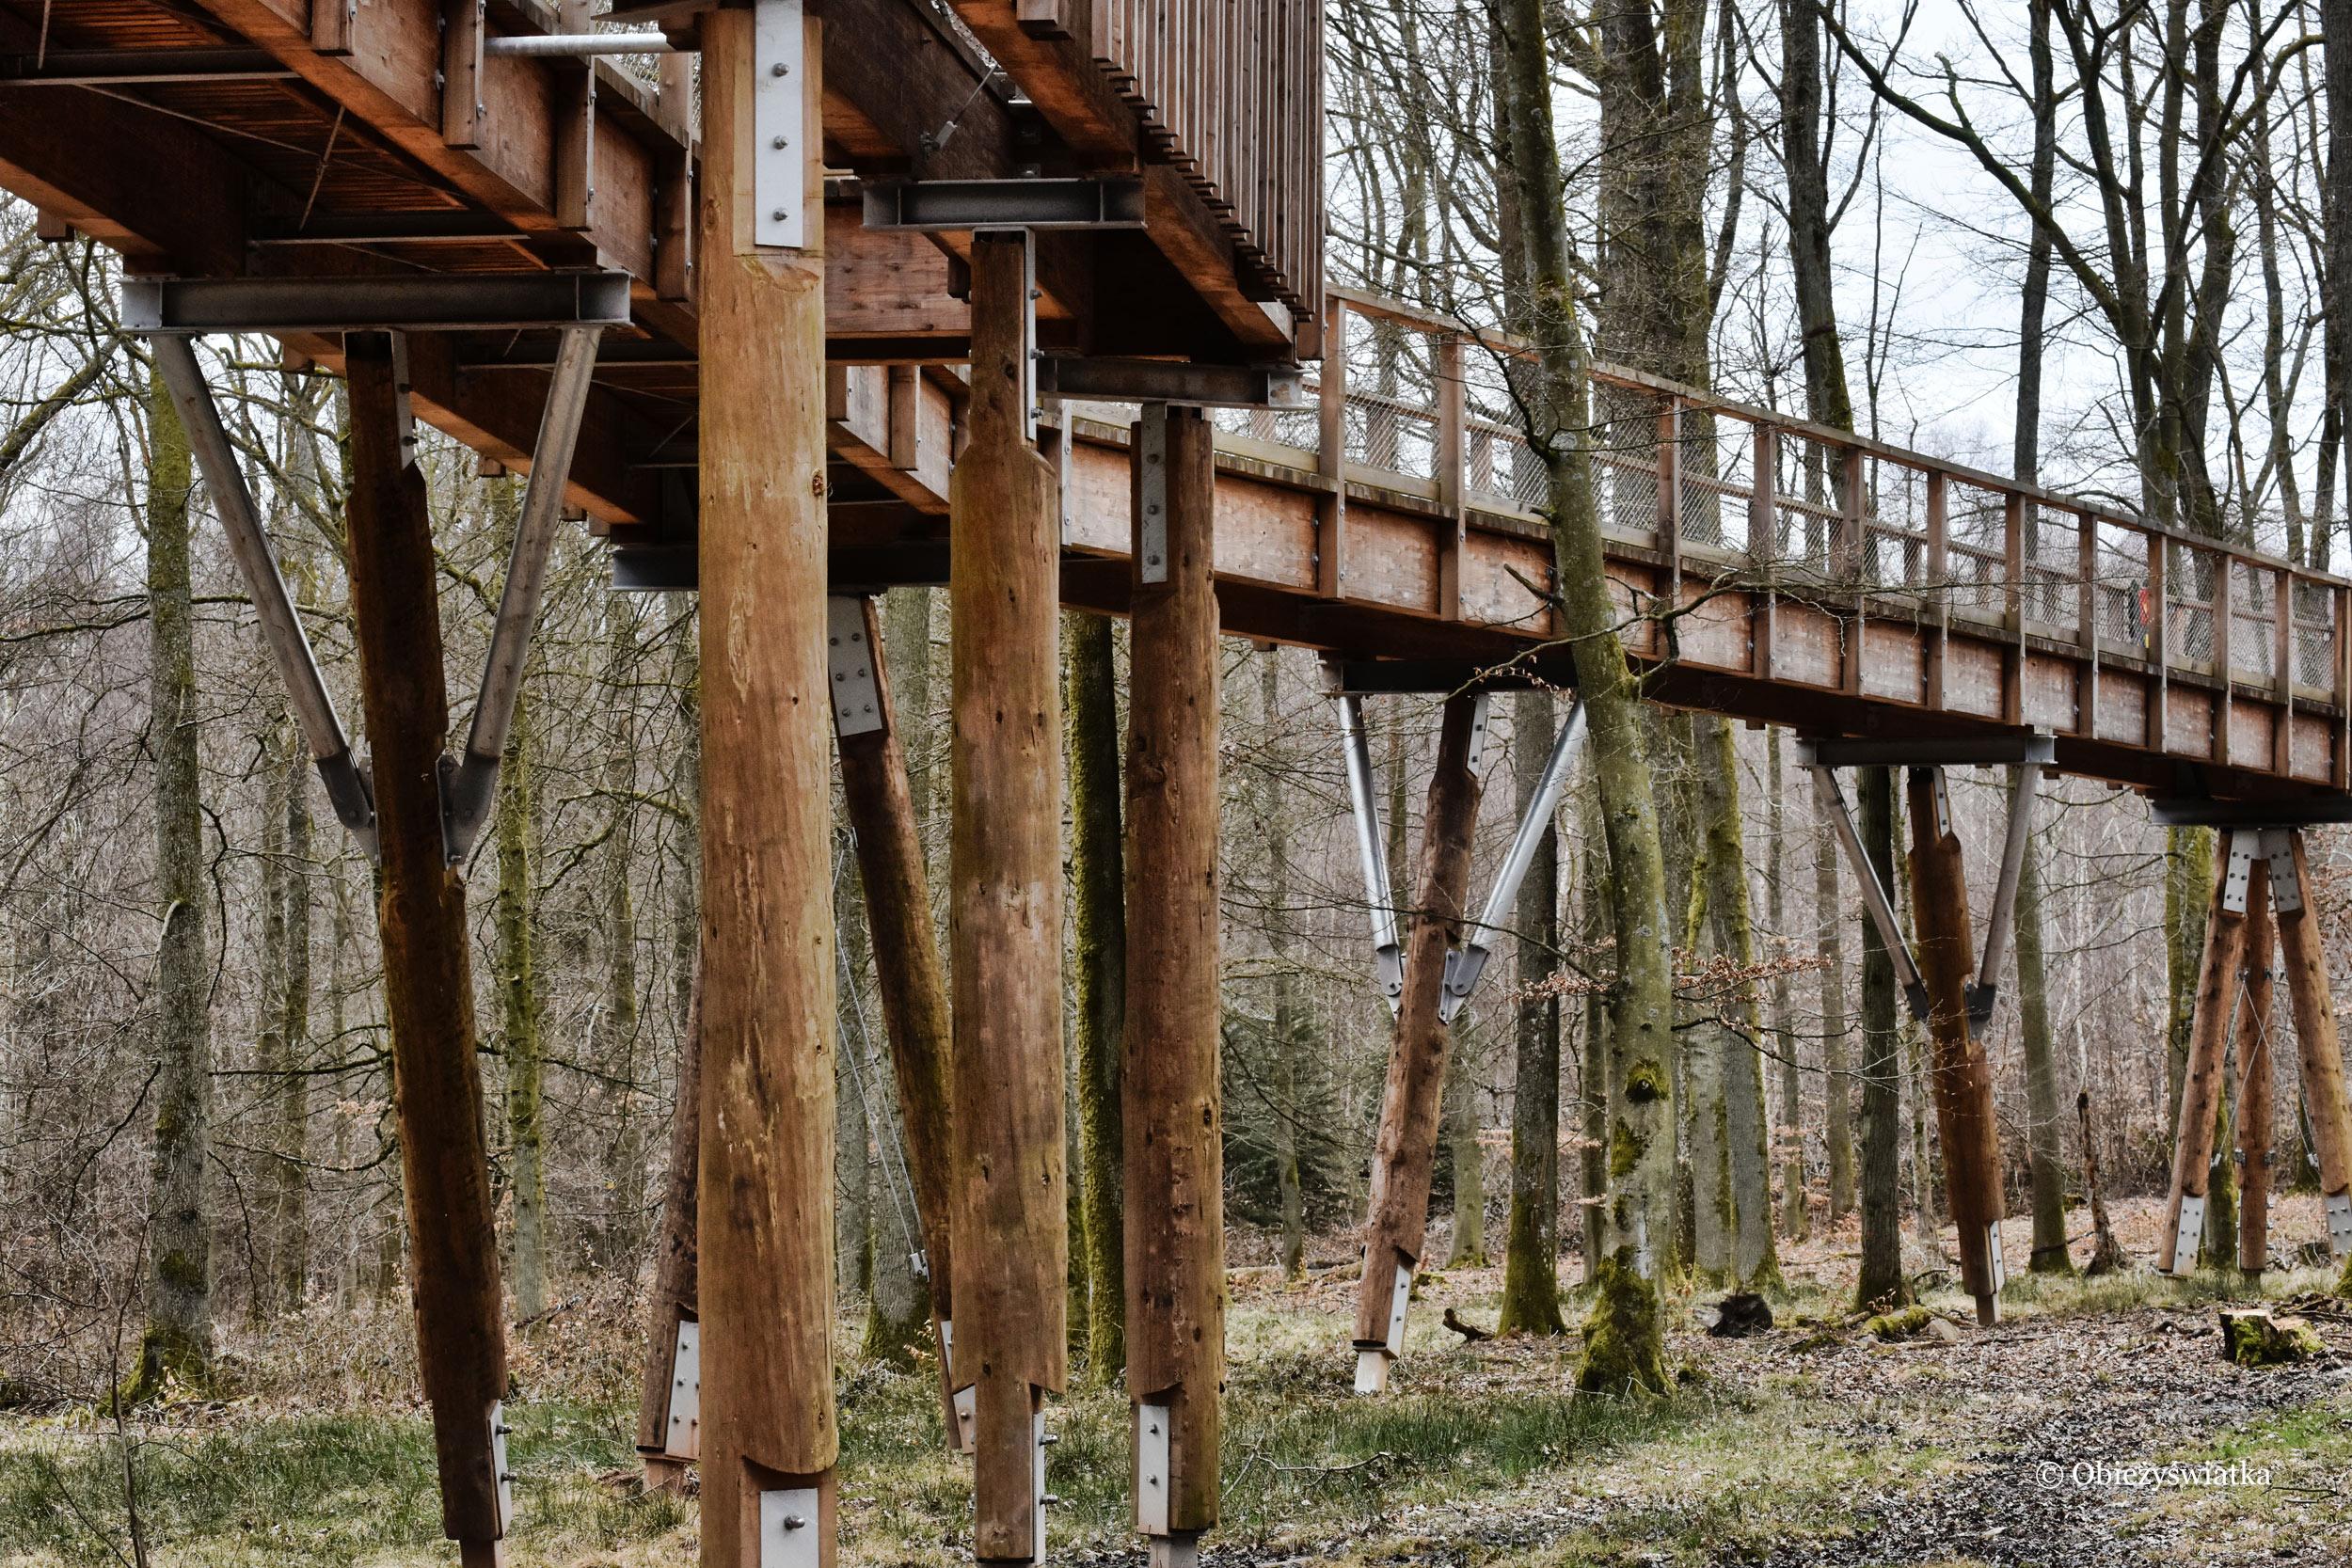 Ścieżka wśród korony drzew - Saarschleife, Niemcy